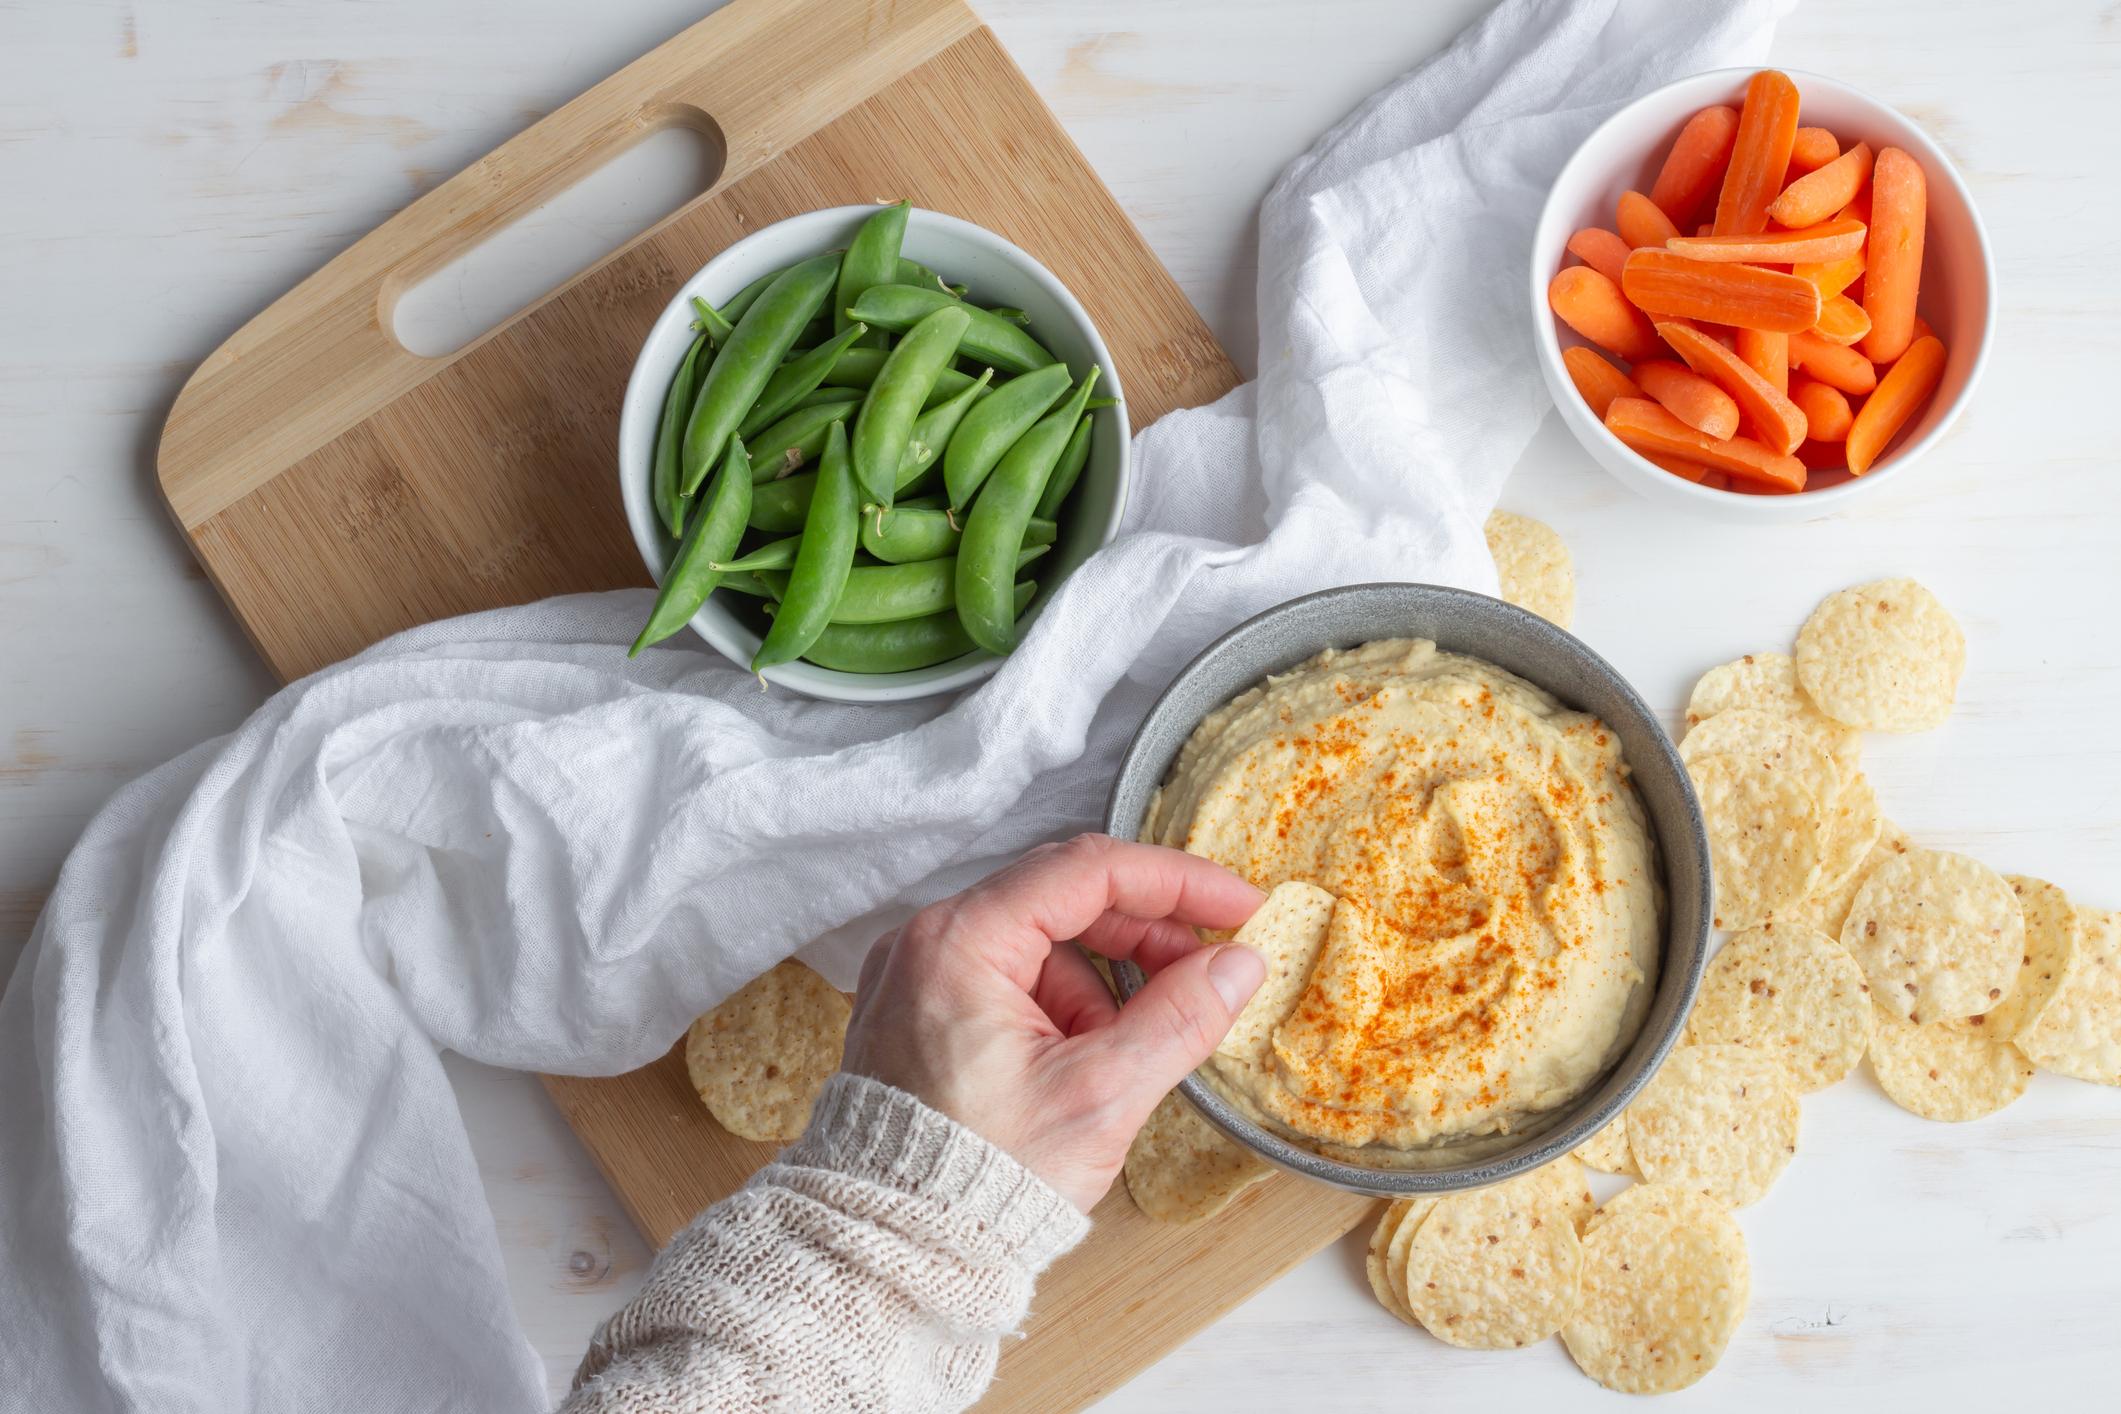 Fogyás egészséges táplálkozással